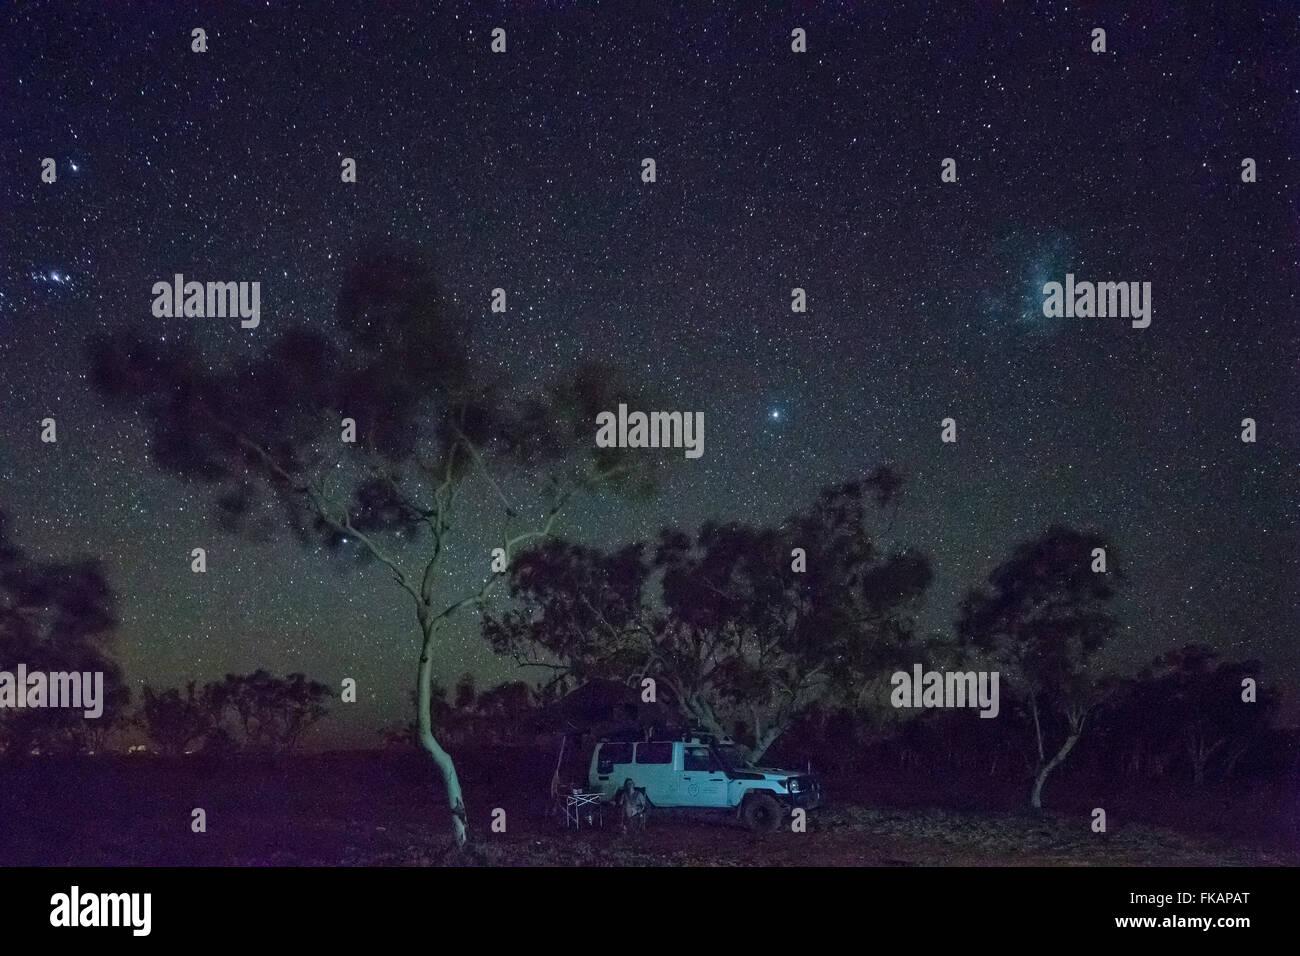 Camping bajo el cielo nocturno de la Pilbarra, Australia Occidental Imagen De Stock